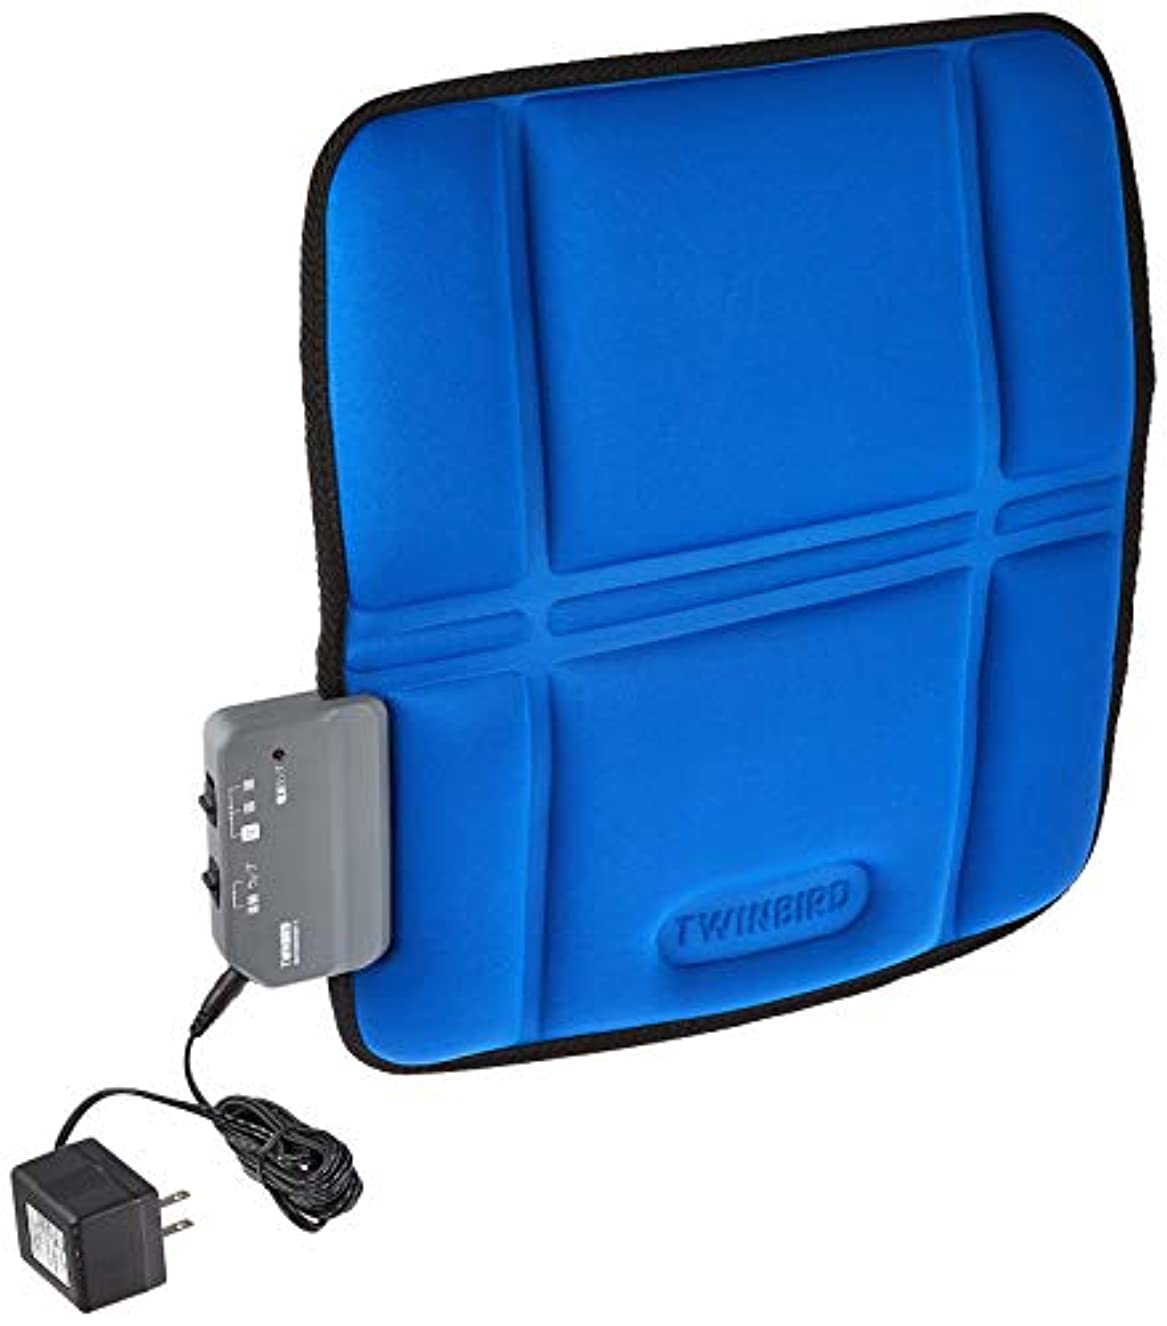 必需品上向き勇気のあるツインバード シートマッサージャーS ブルー EM-2535BL